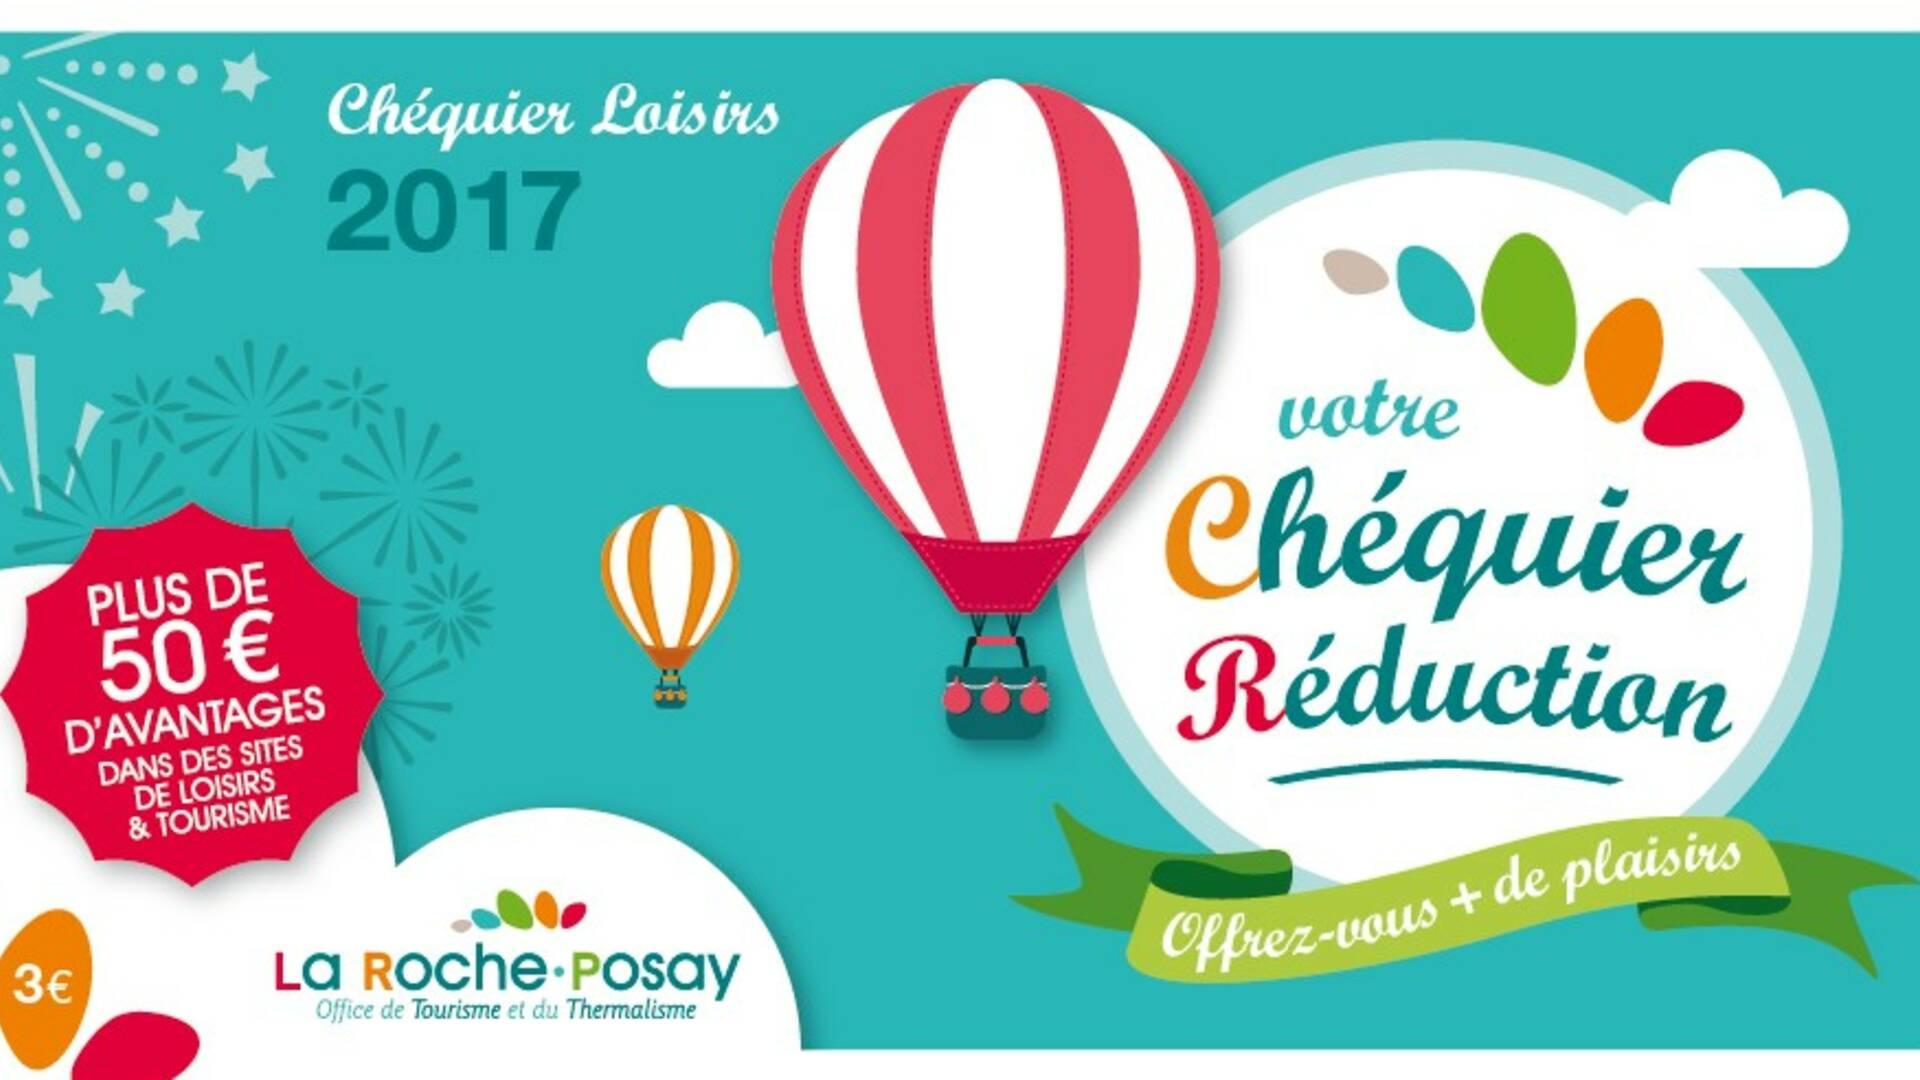 Cheque Diversión La Roche-Posay